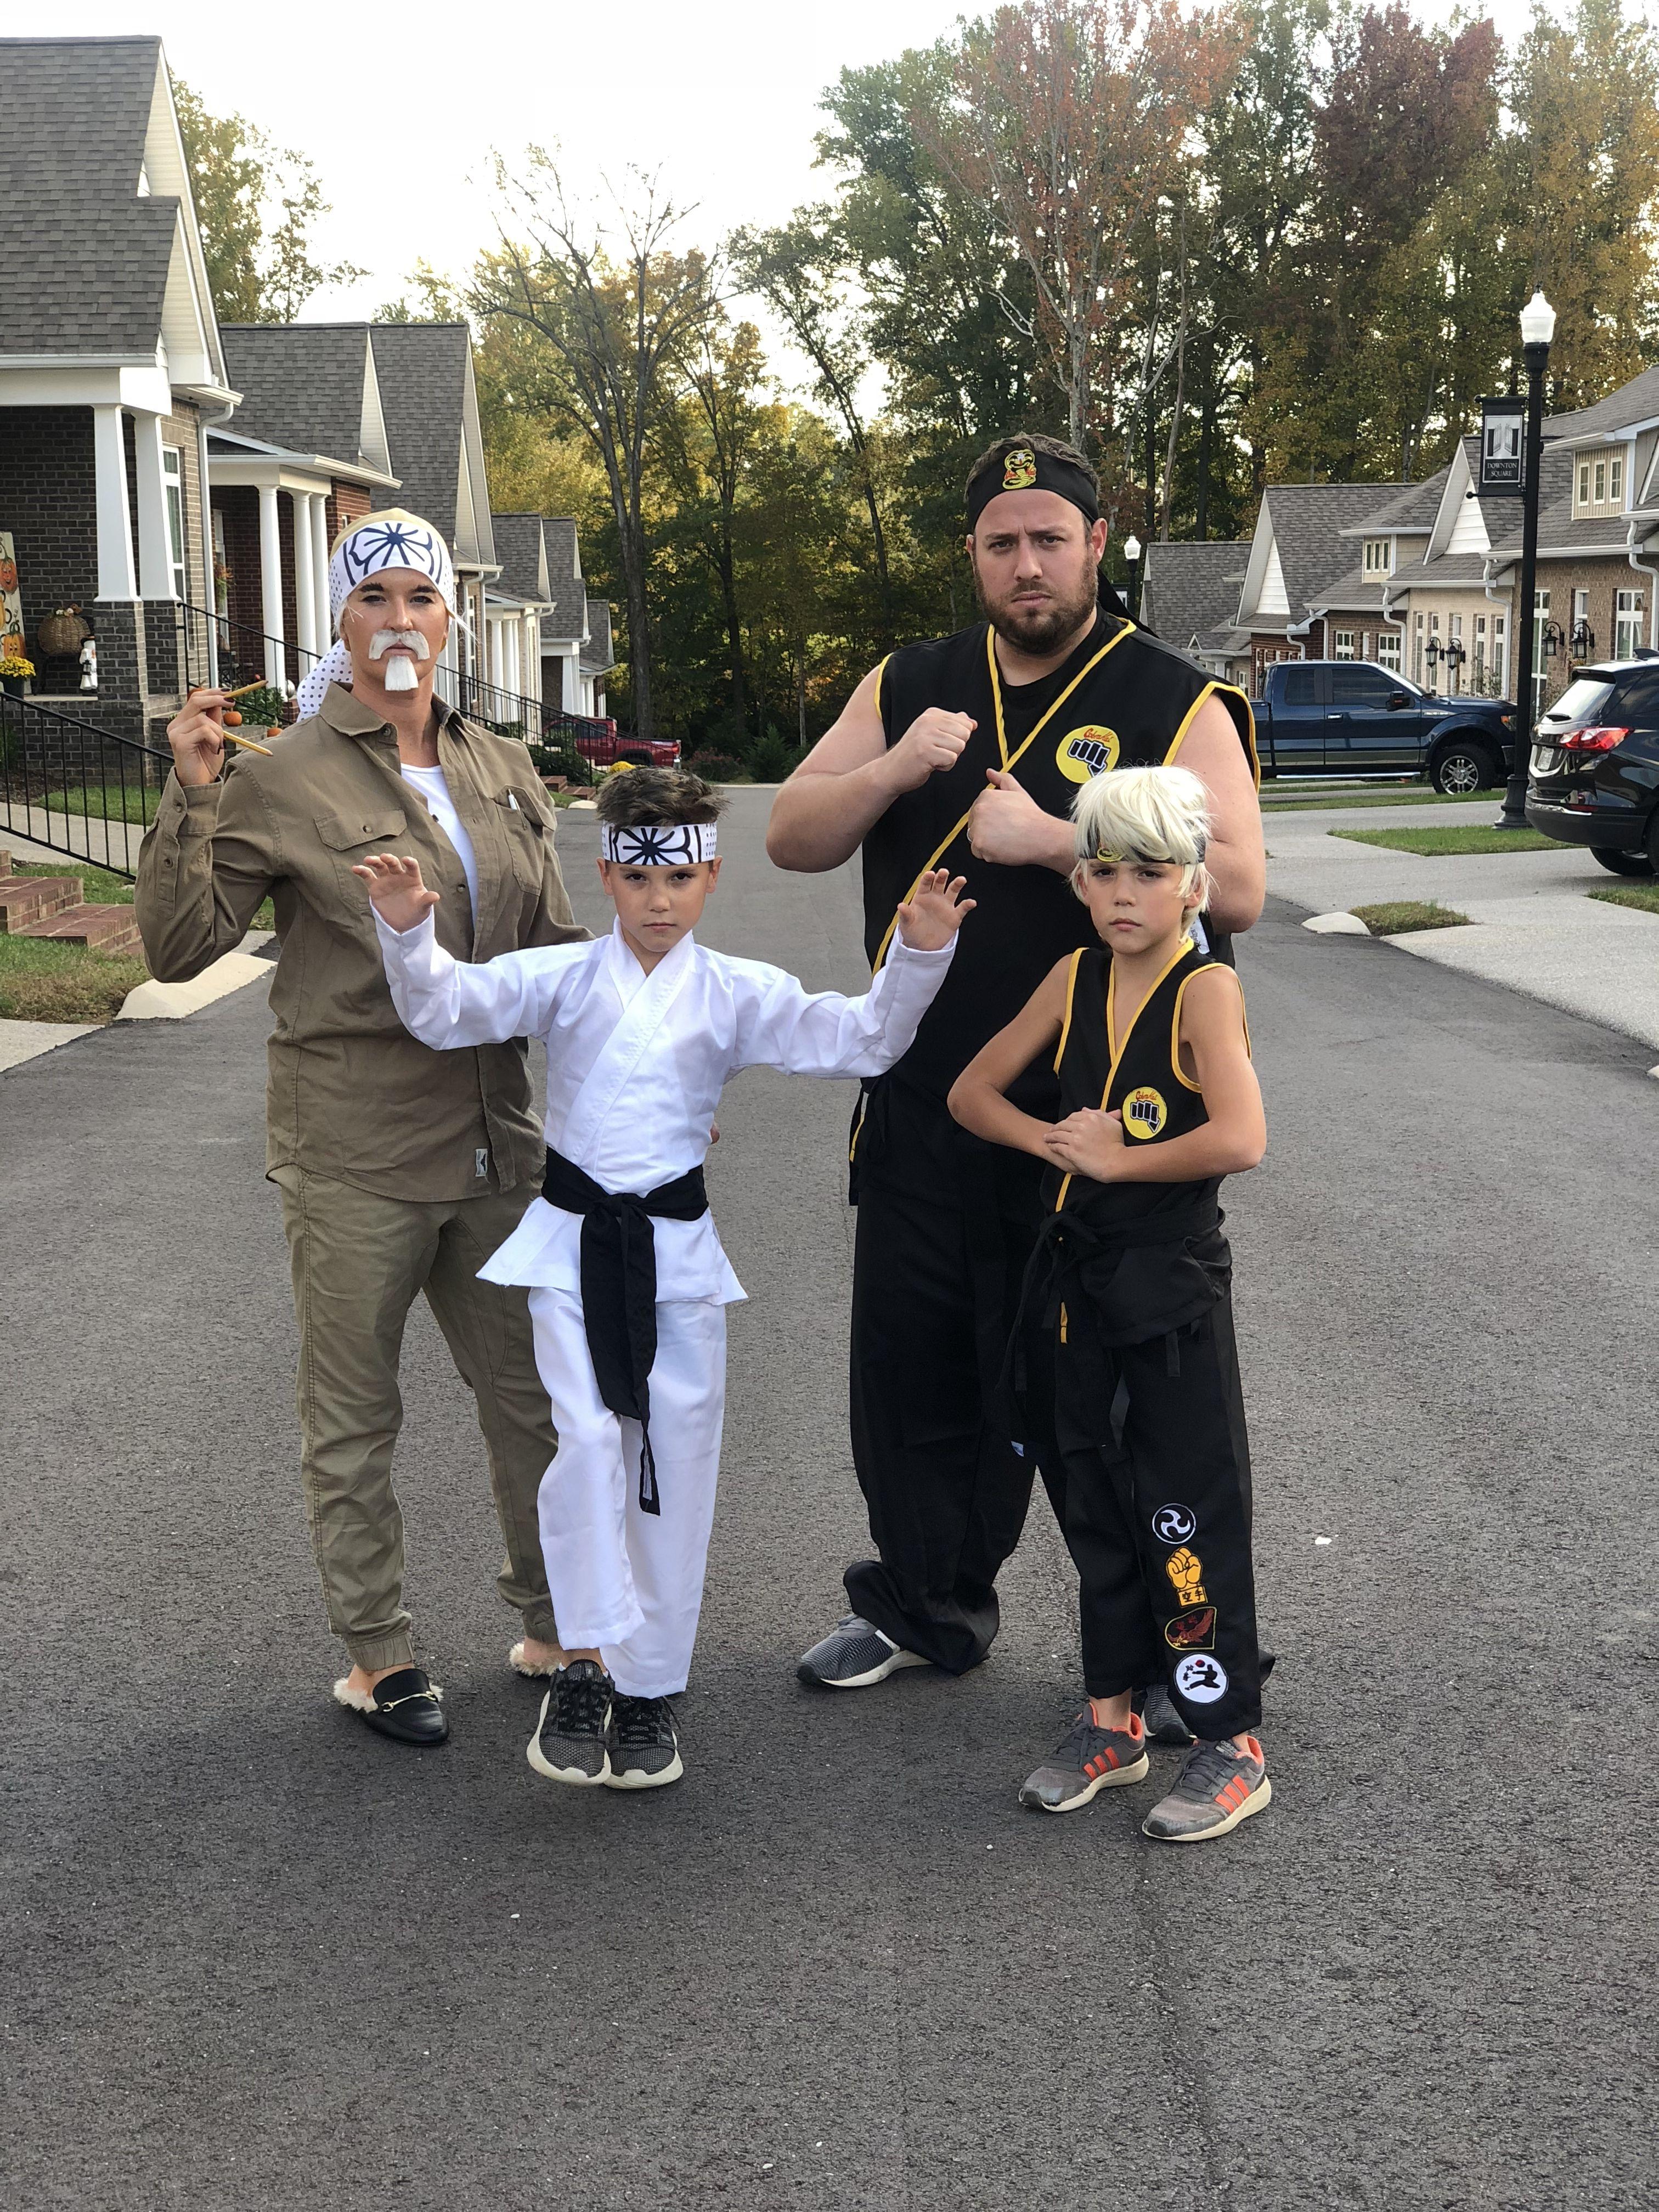 Karate Kid Halloween Costume.The Karate Kid Mr Miyagi Halloween Costume Halloween In 2019